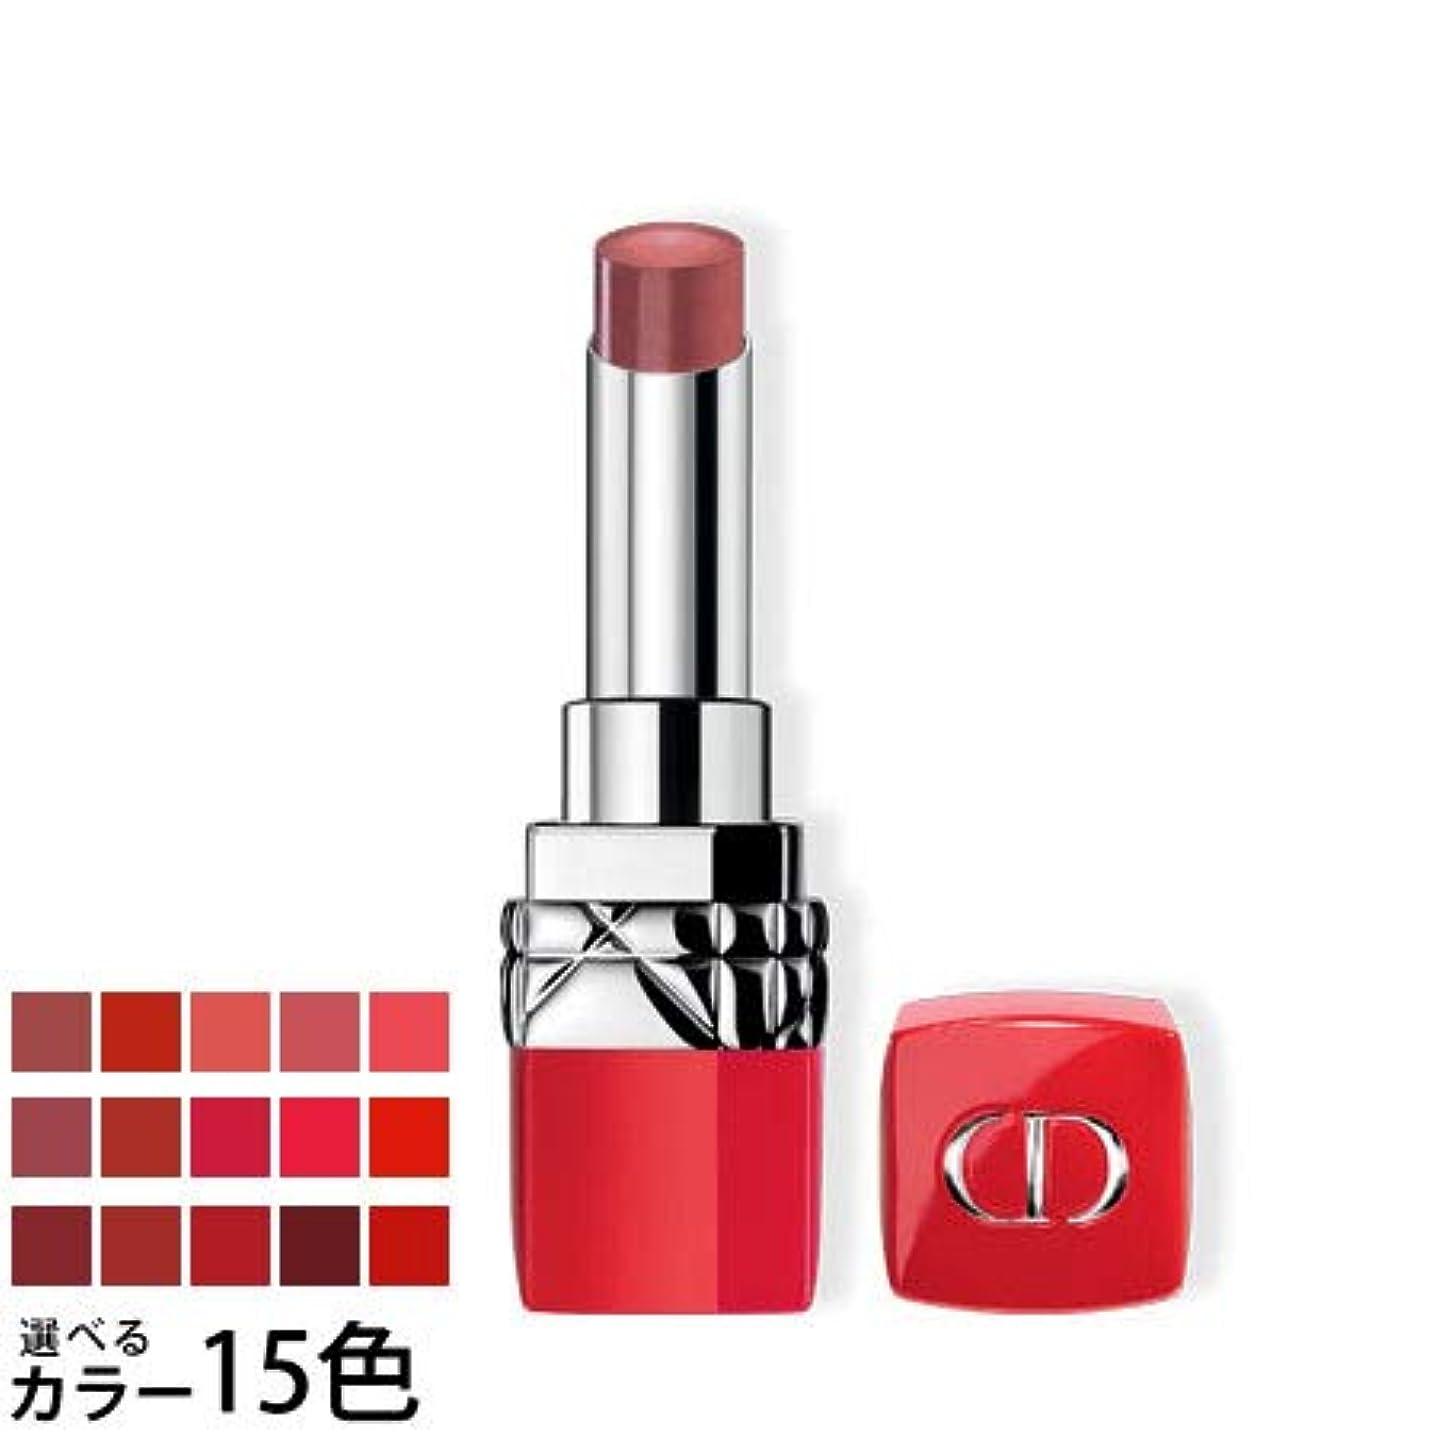 可決請求可能彼らディオール ルージュ ディオール ウルトラ ルージュ 選べる15色 -Dior- 851